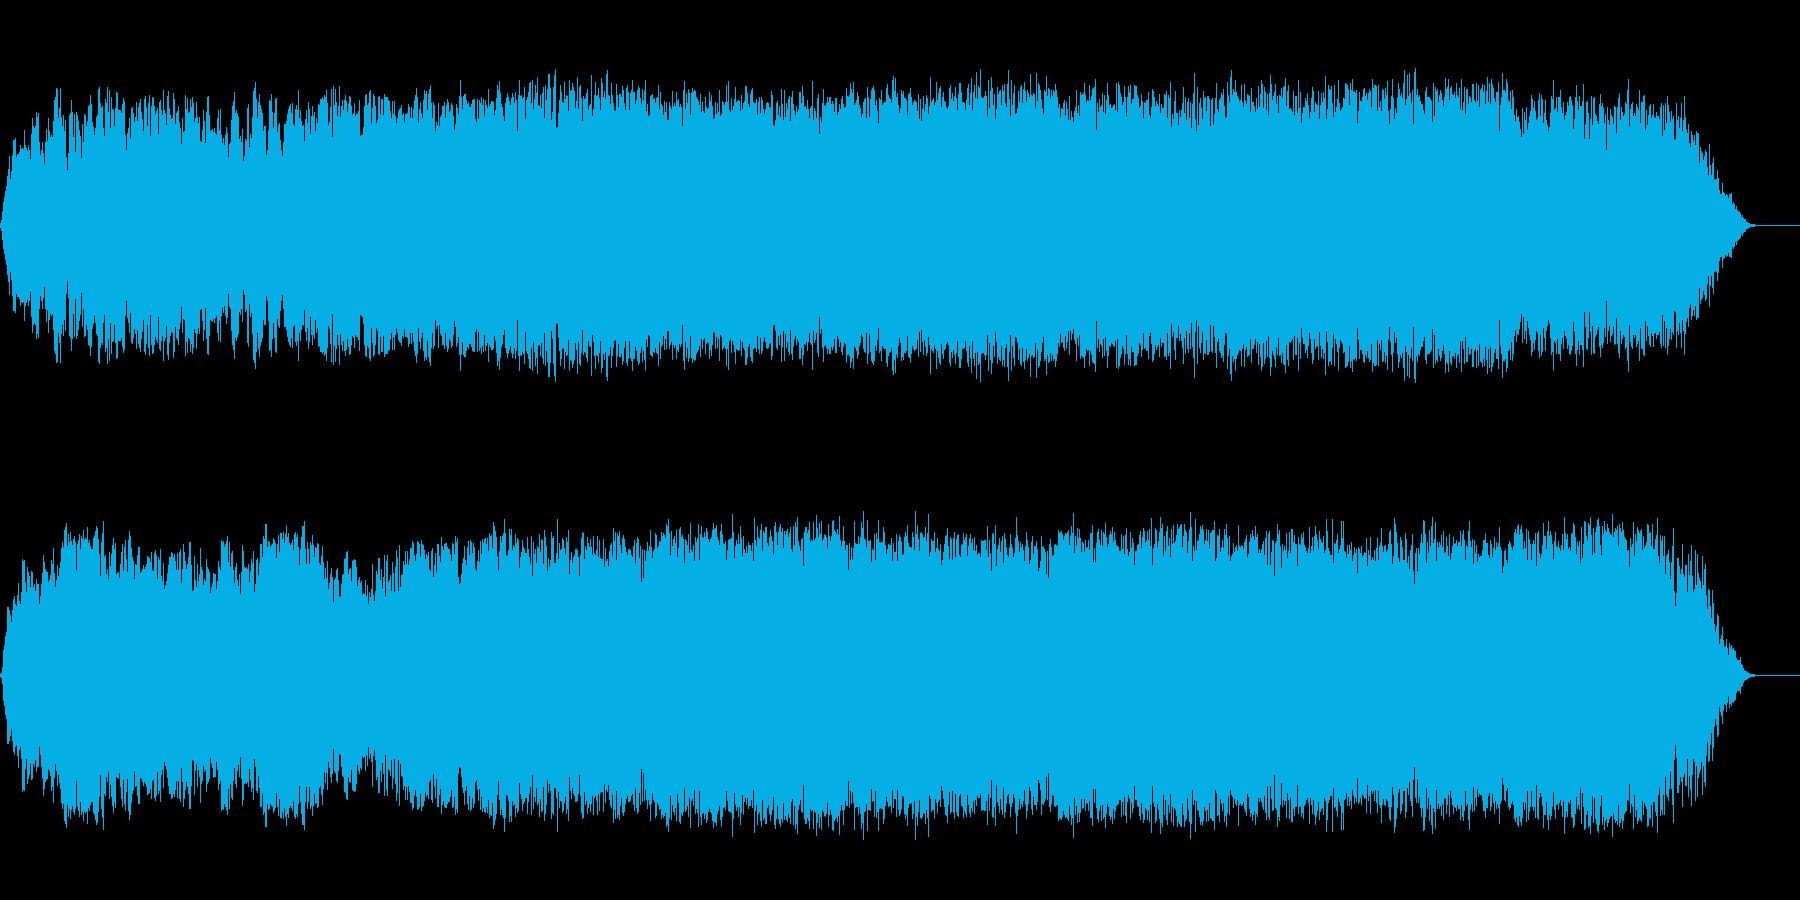 幻想的で壮大な宇宙感溢れる曲の再生済みの波形